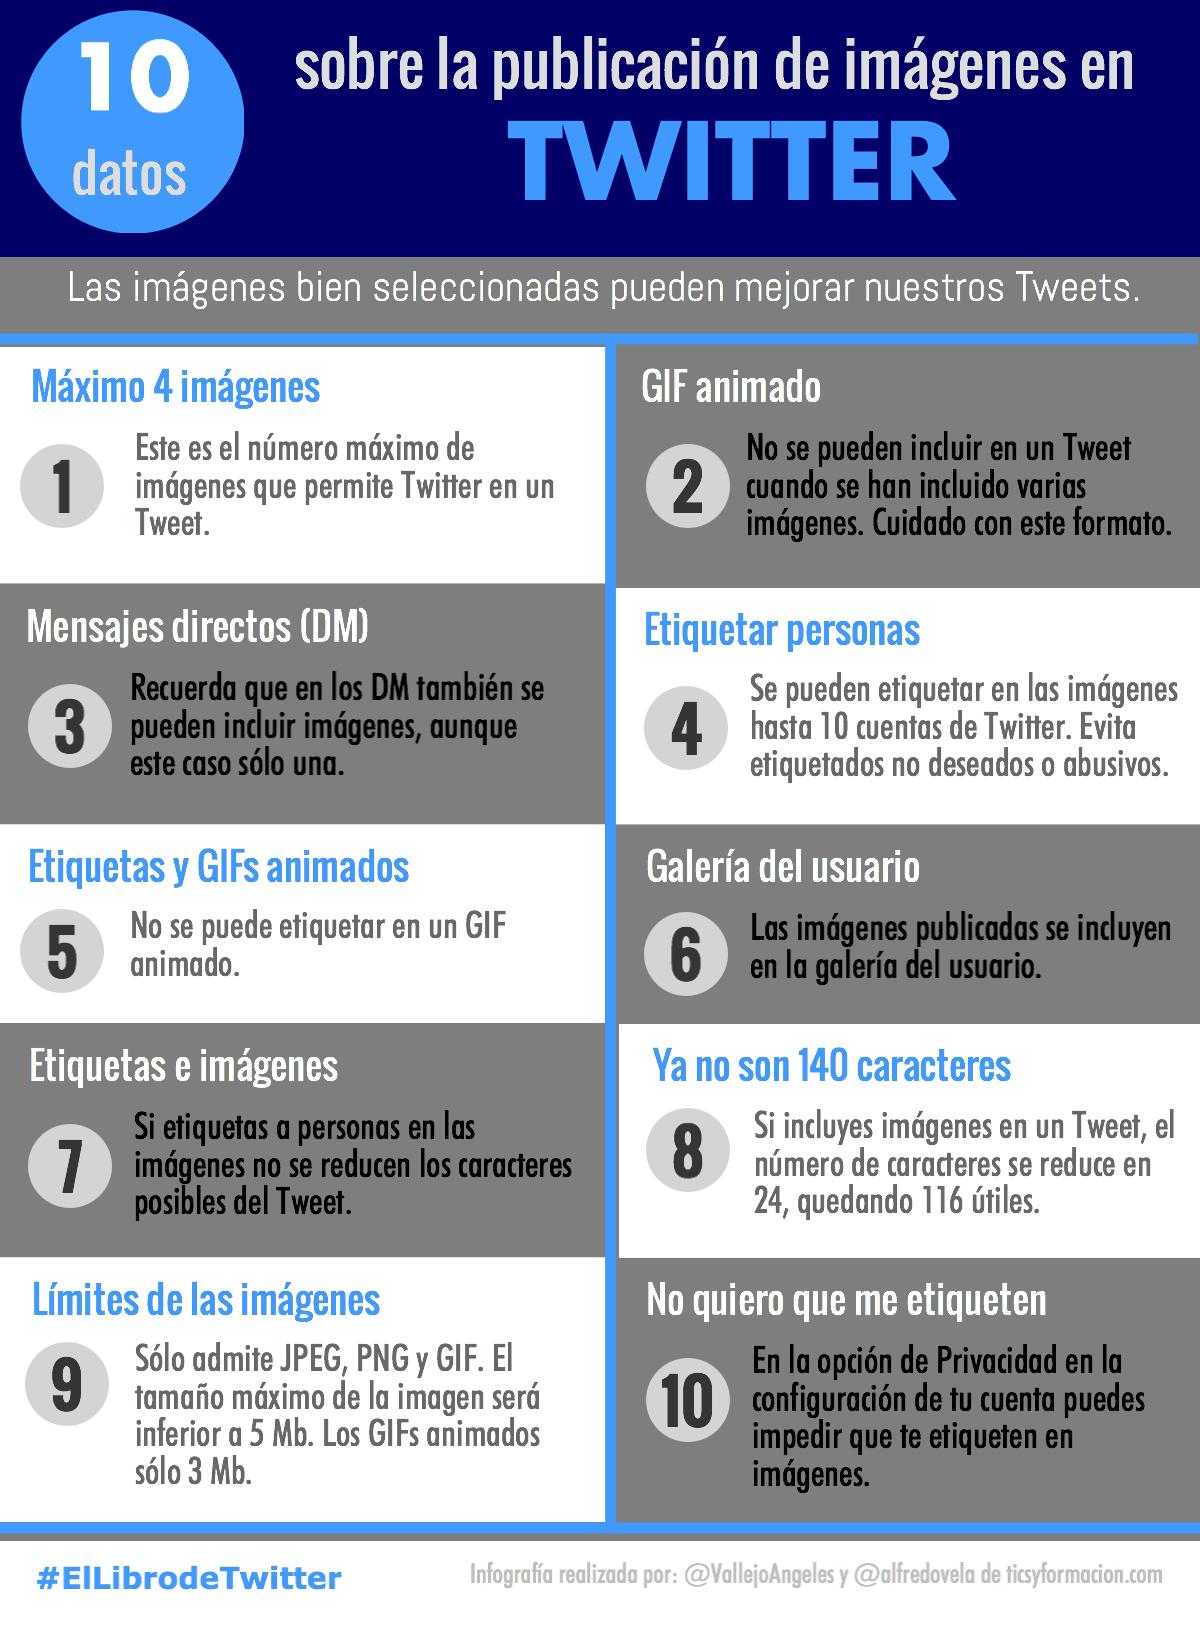 10 datos sobre la publicación de imágenes en Twitter #infografia #infographic #socialmedia